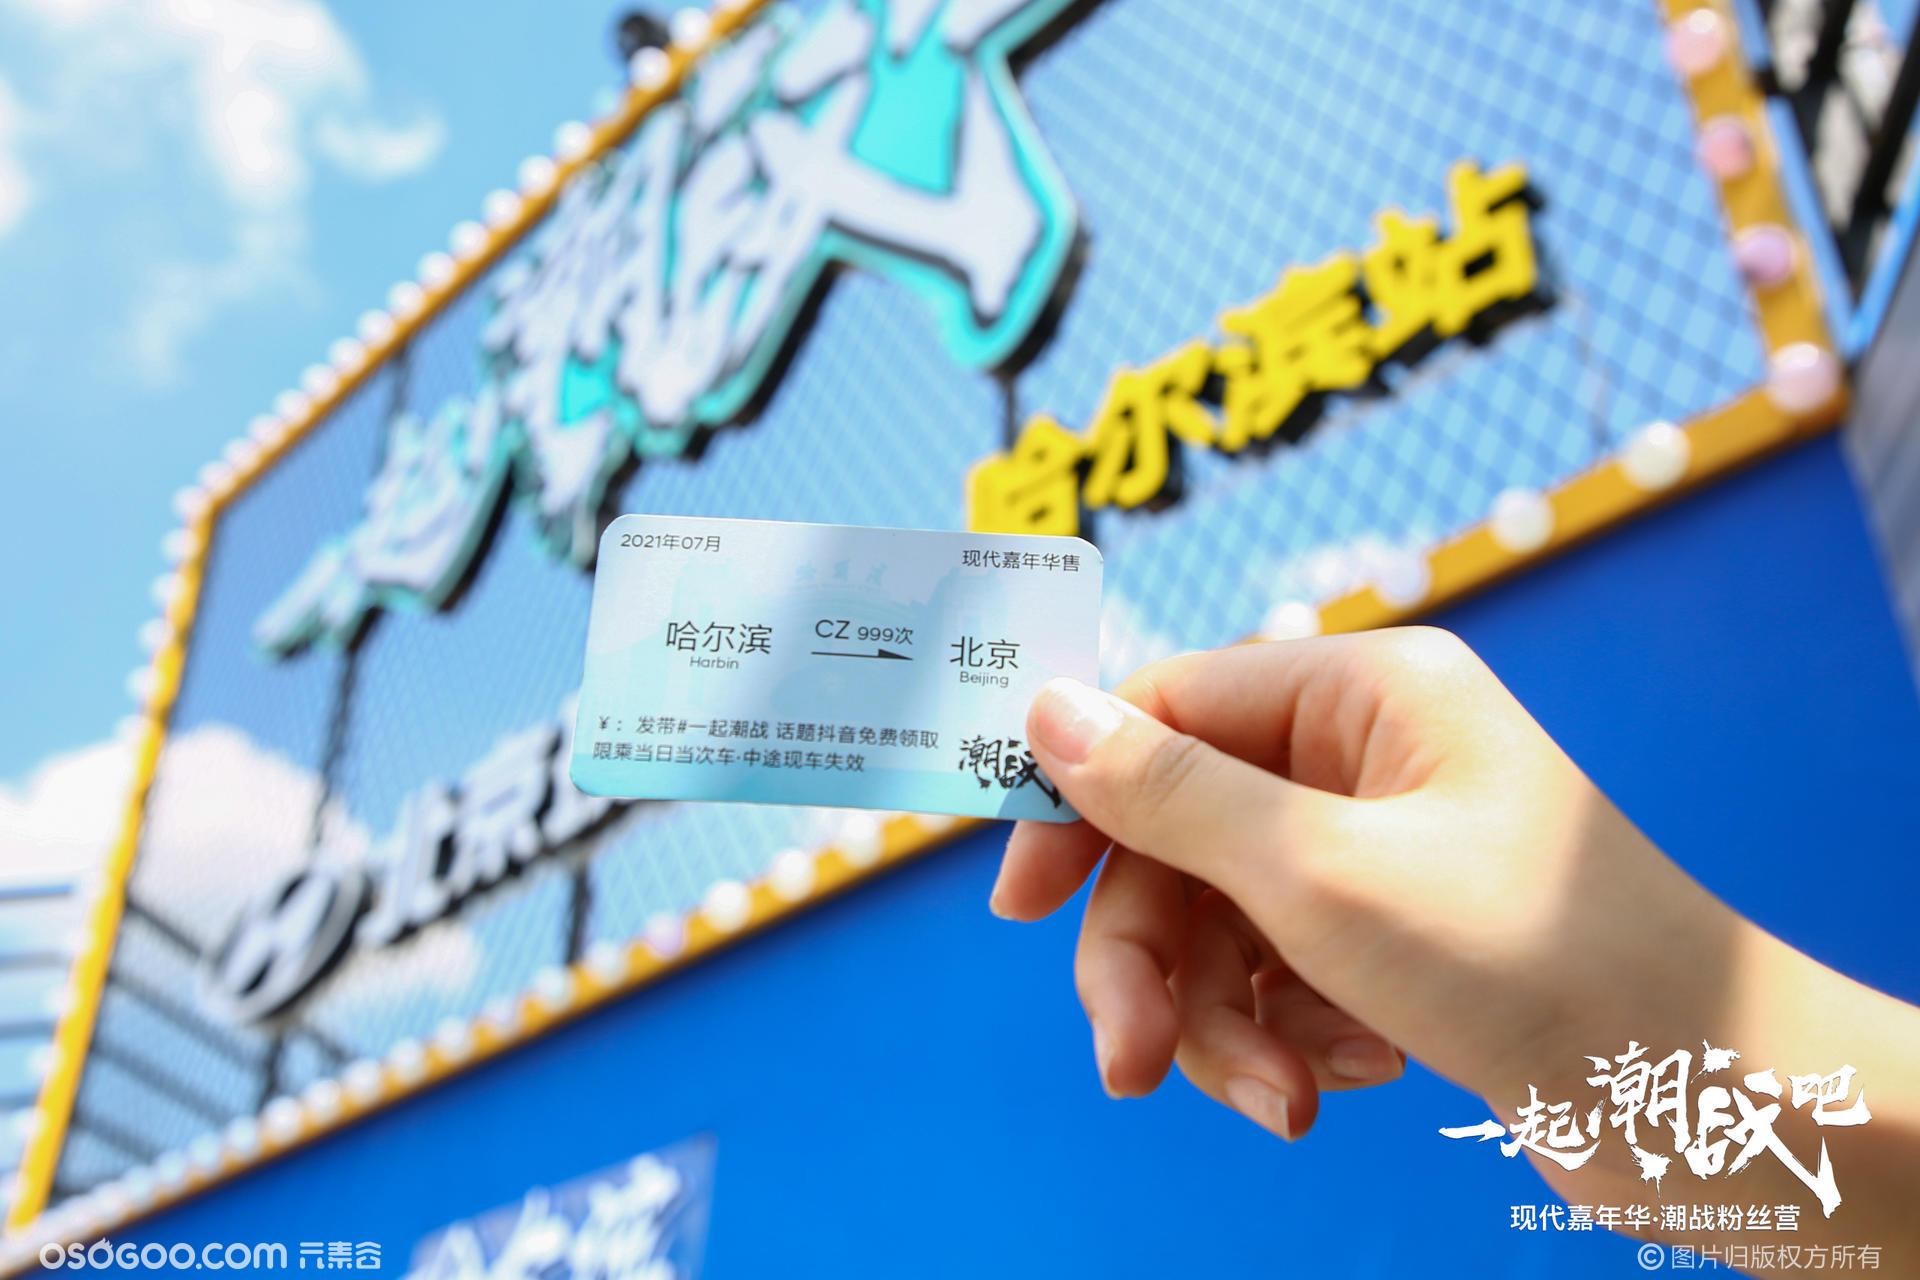 北京现代品牌体验日活动·现代嘉年华2.0